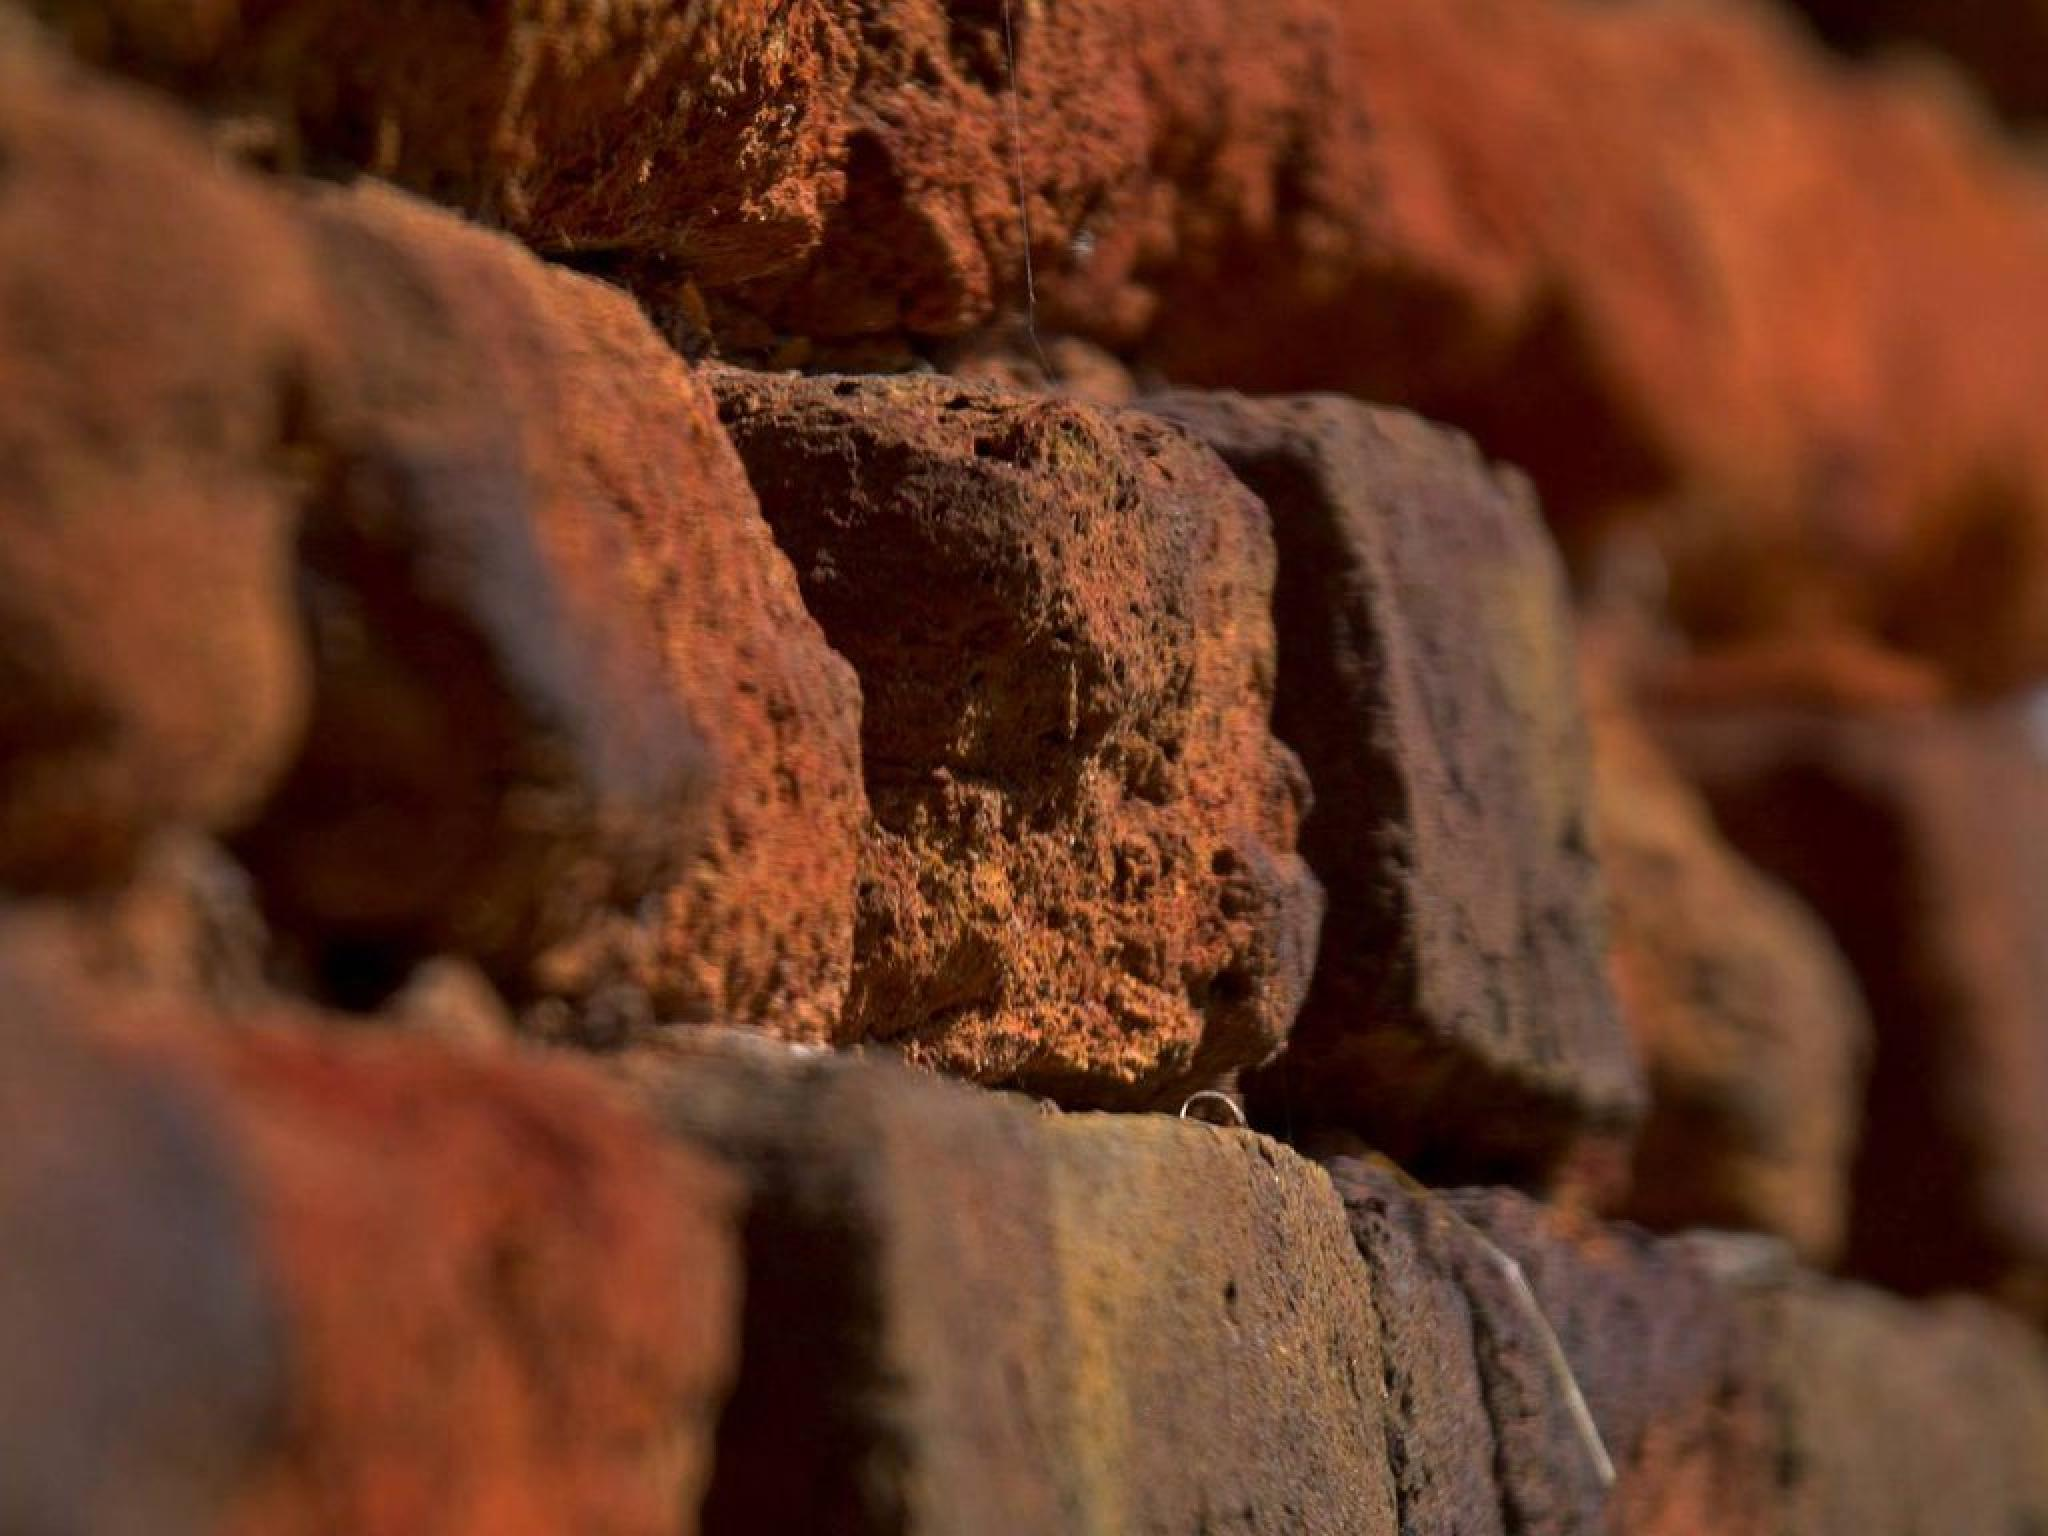 Bricks from the flood controlling wall, Hódmezővásárhely, Hungary by Kenéz Imre